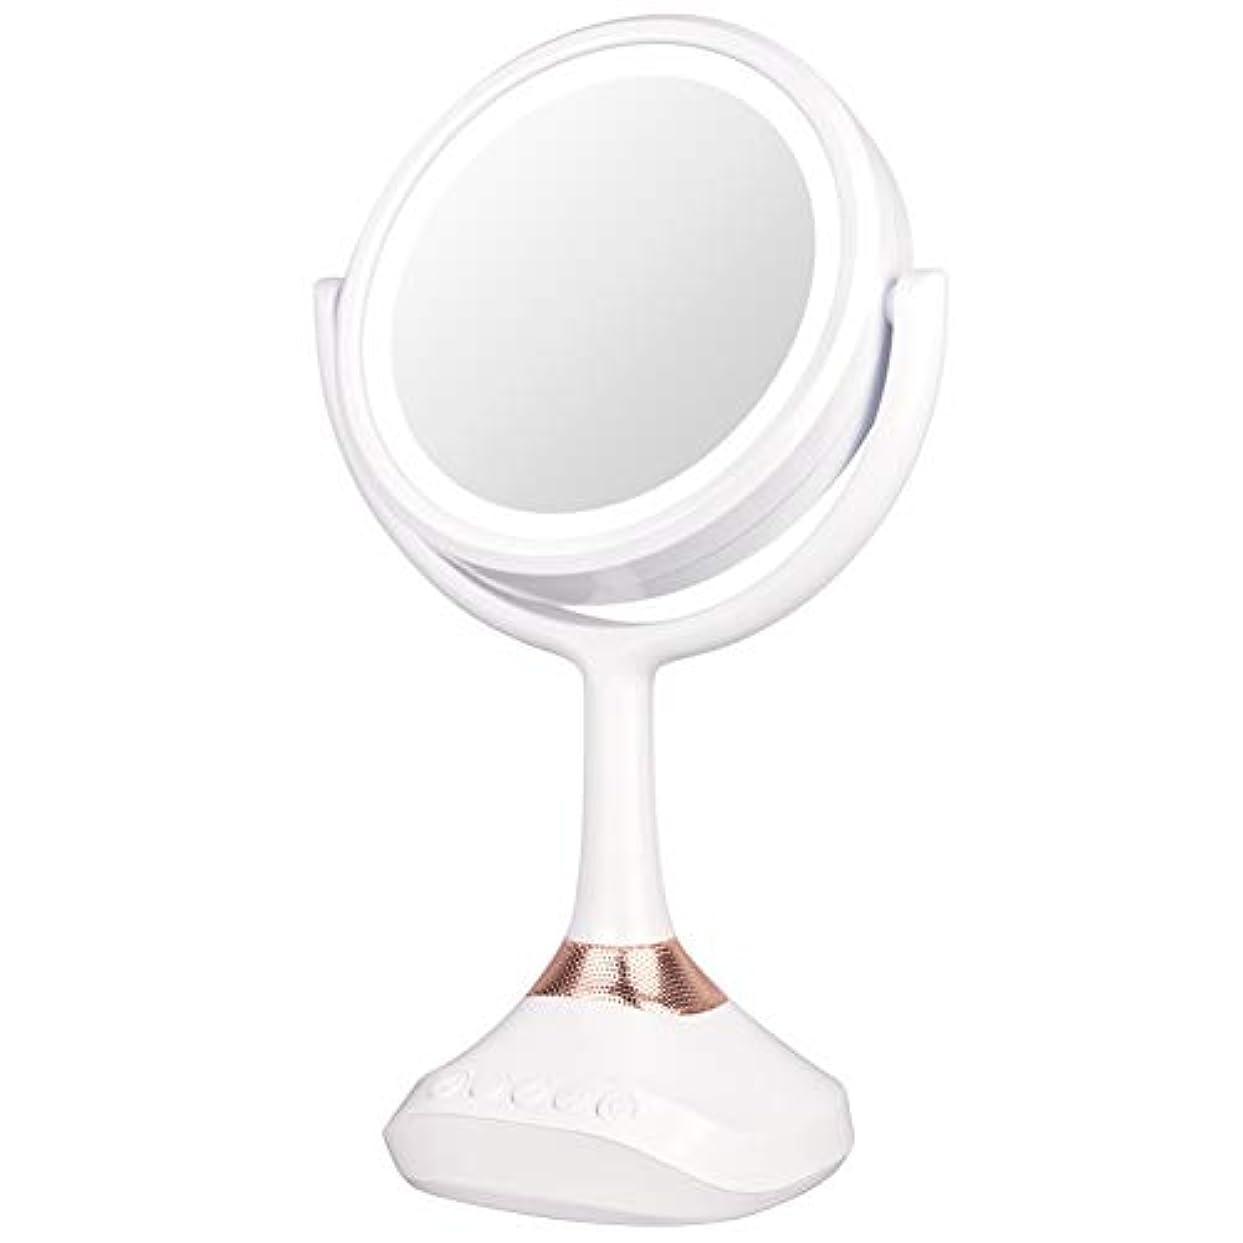 死傷者大使しなやかXJZxX ブルートゥースLED音楽ミラー卓上化粧台ミラー付きスピーカー照明付き化粧鏡ライト付き化粧鏡 -美容アクセサリー